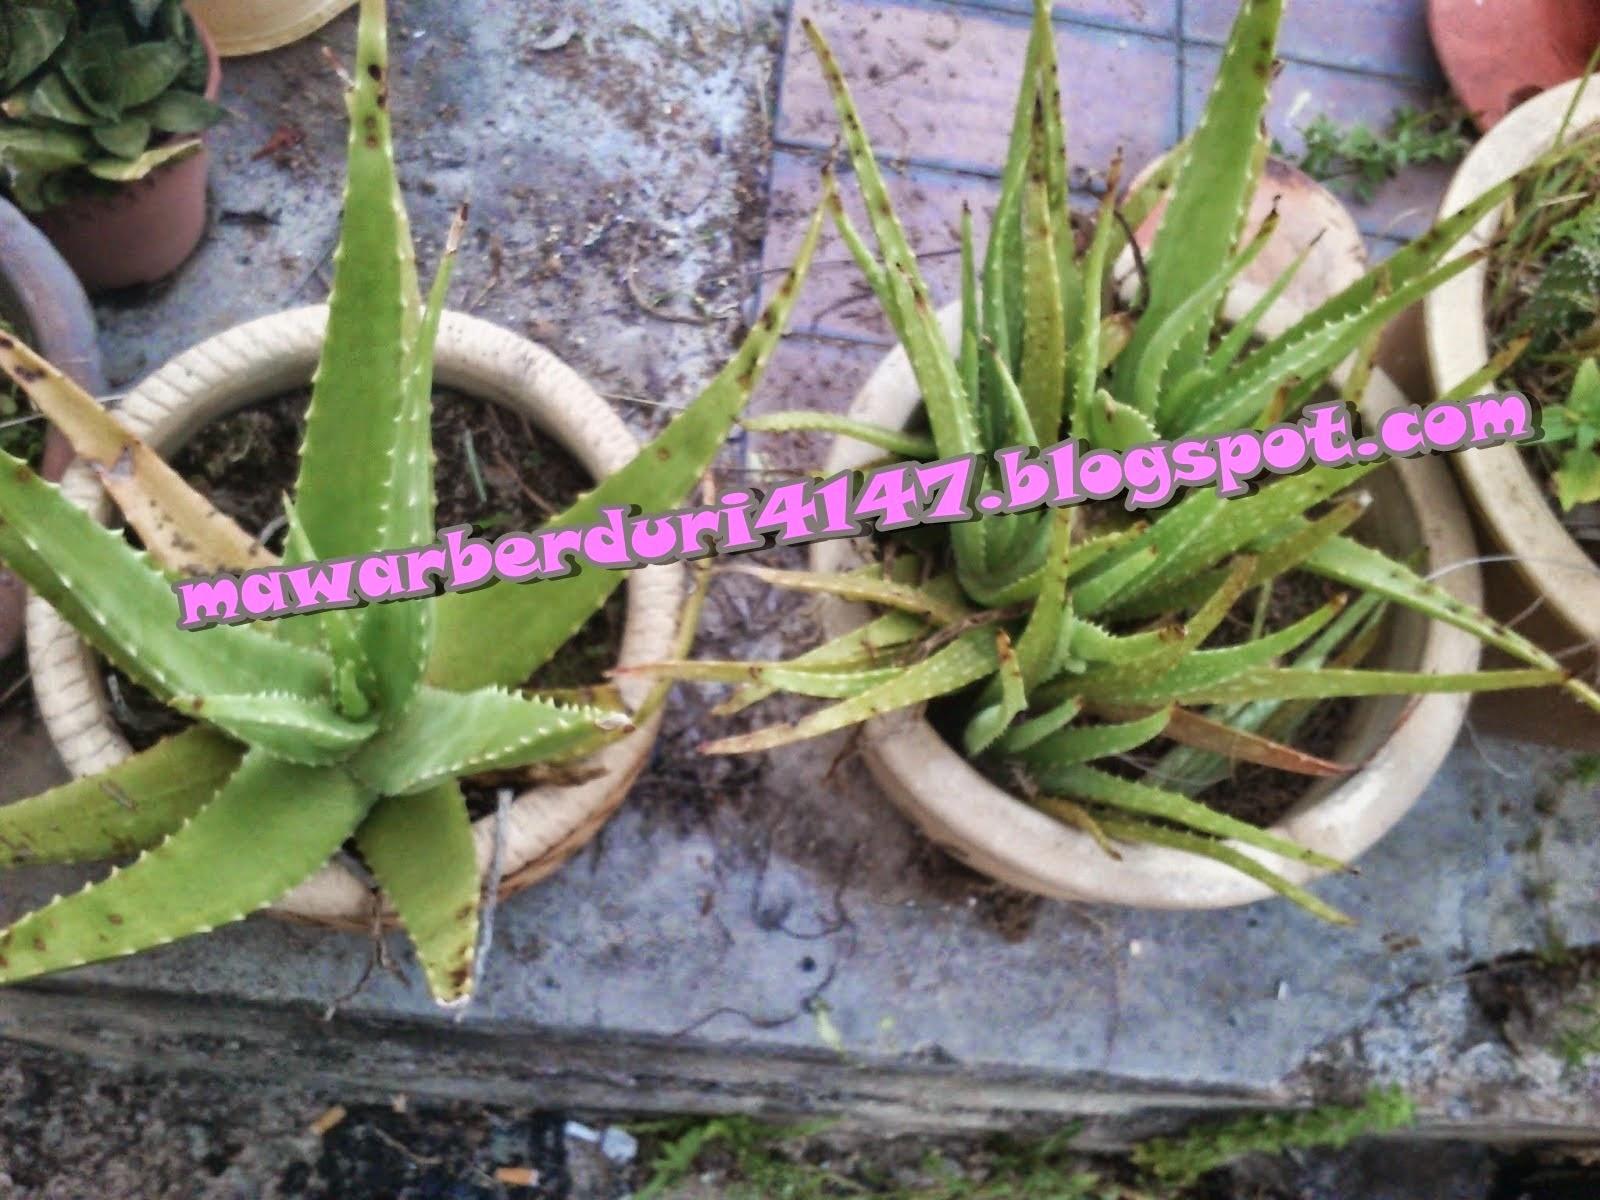 http://mawarberduri4147.blogspot.com/2015/03/petua-dan-herba-kongsibersamanora.html